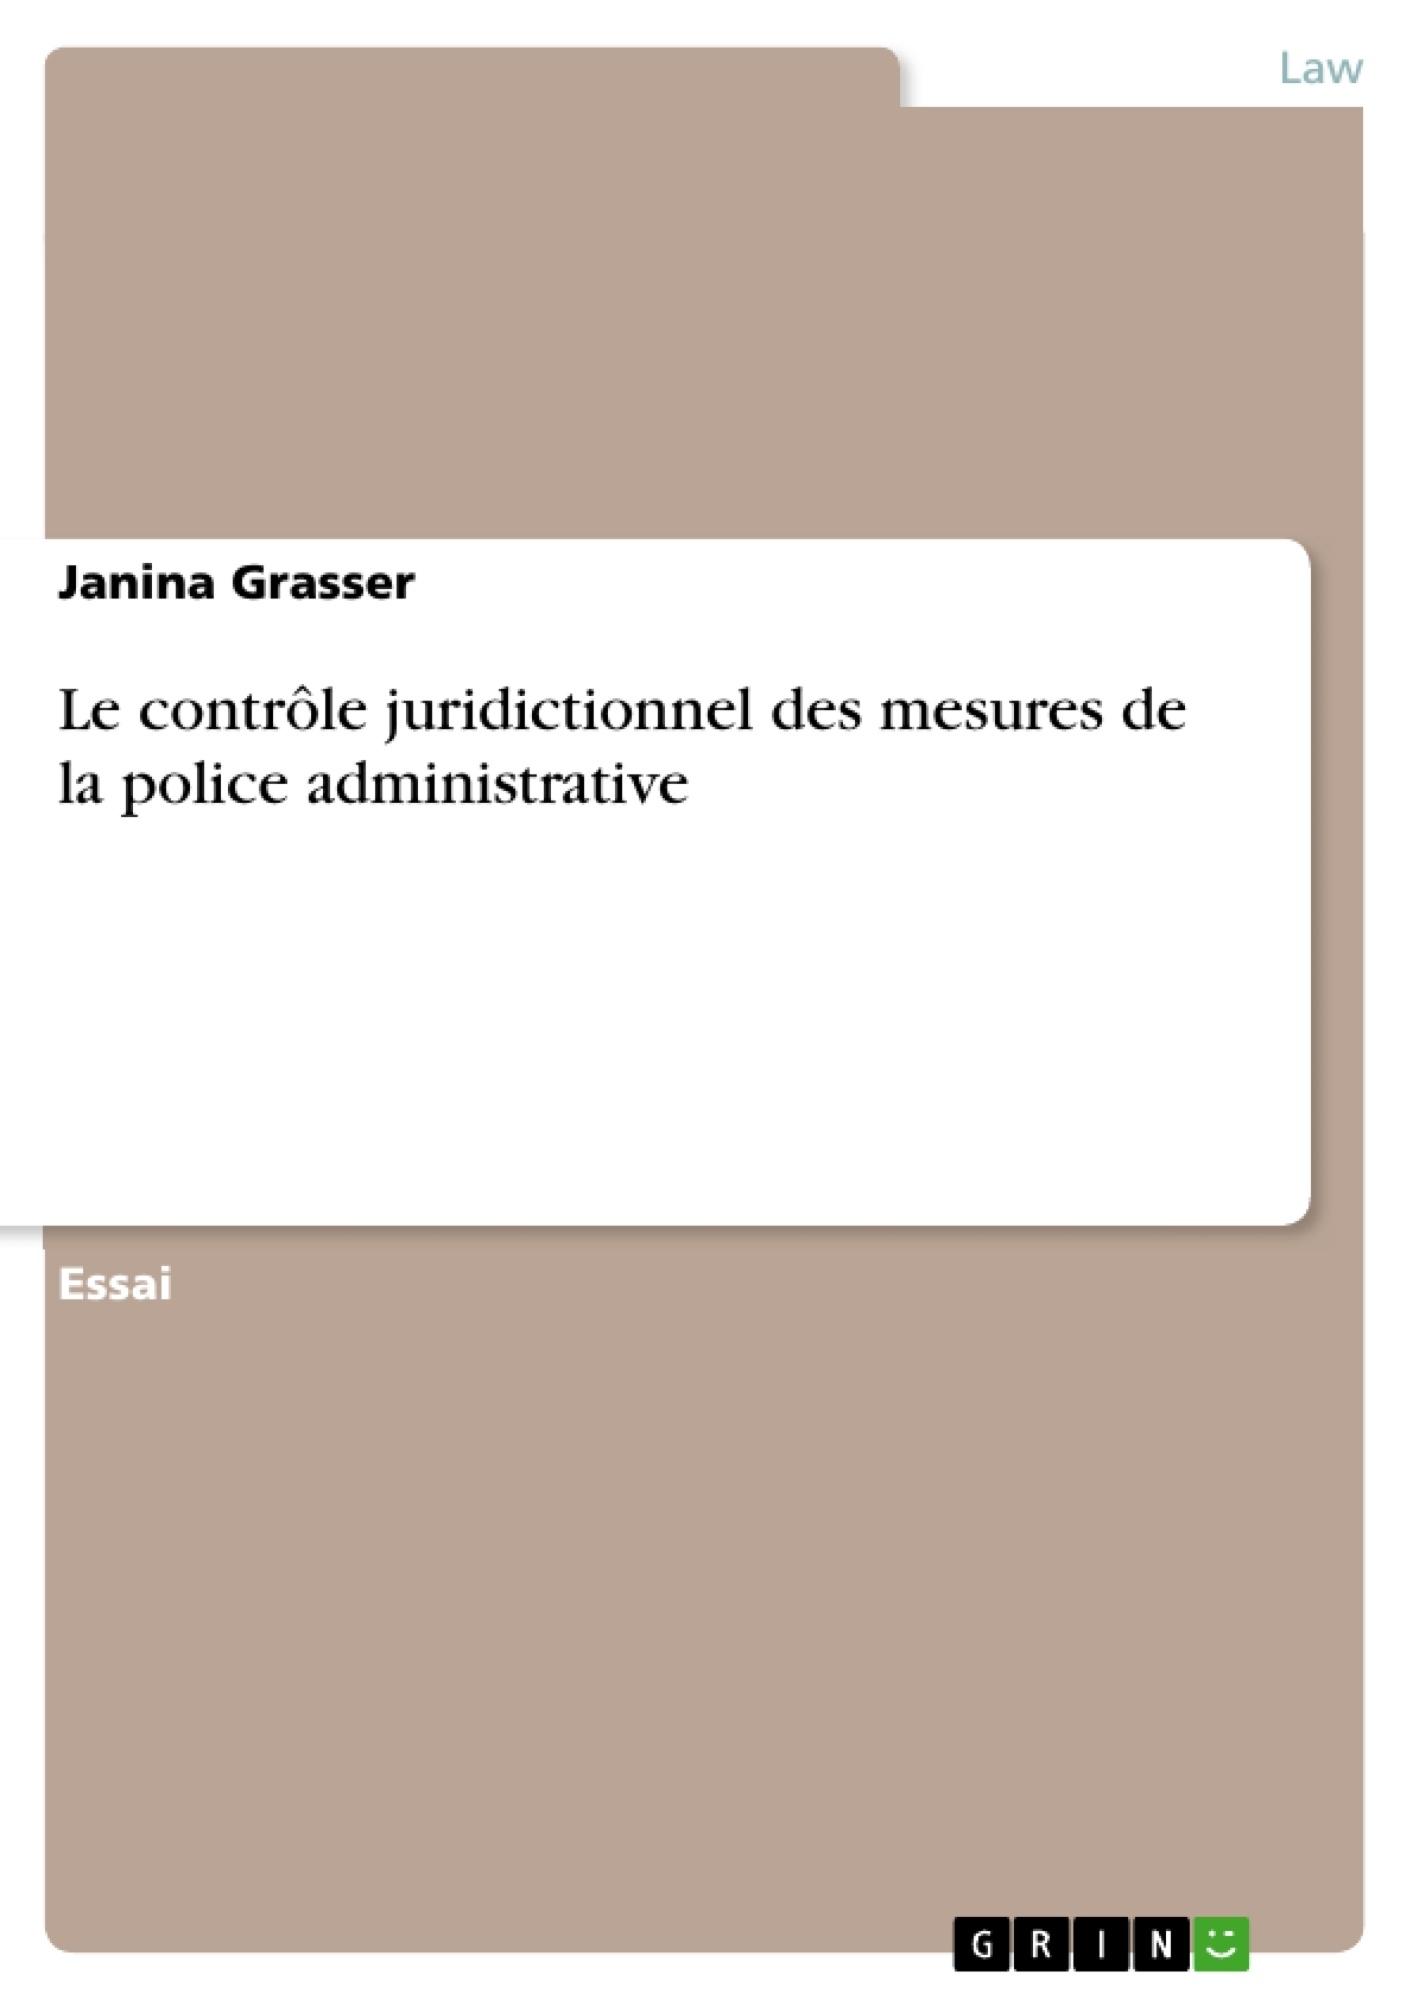 Titre: Le contrôle juridictionnel des mesures de la police administrative